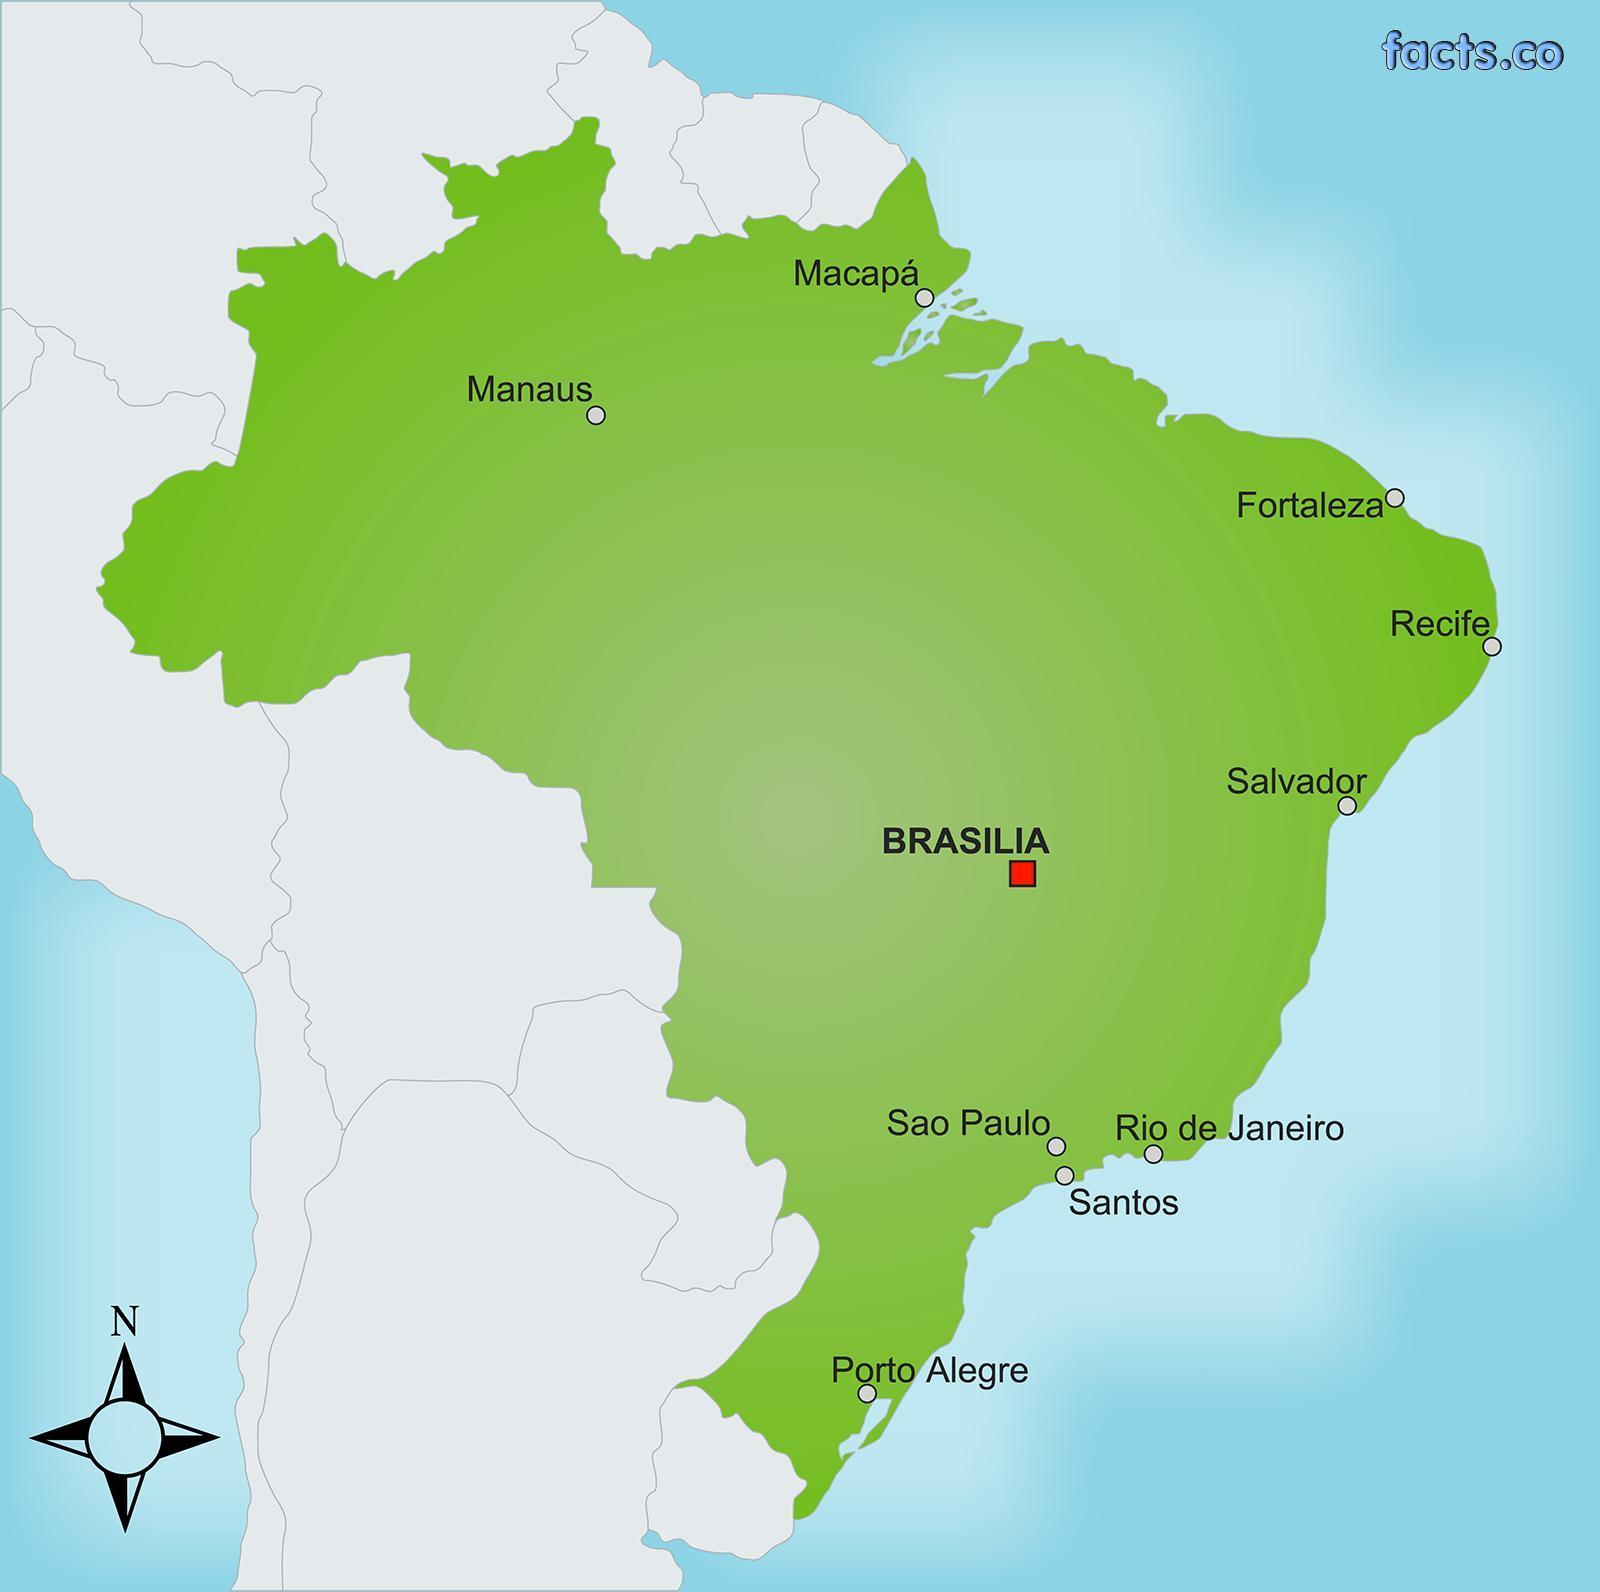 Brasilia Pääkaupunki